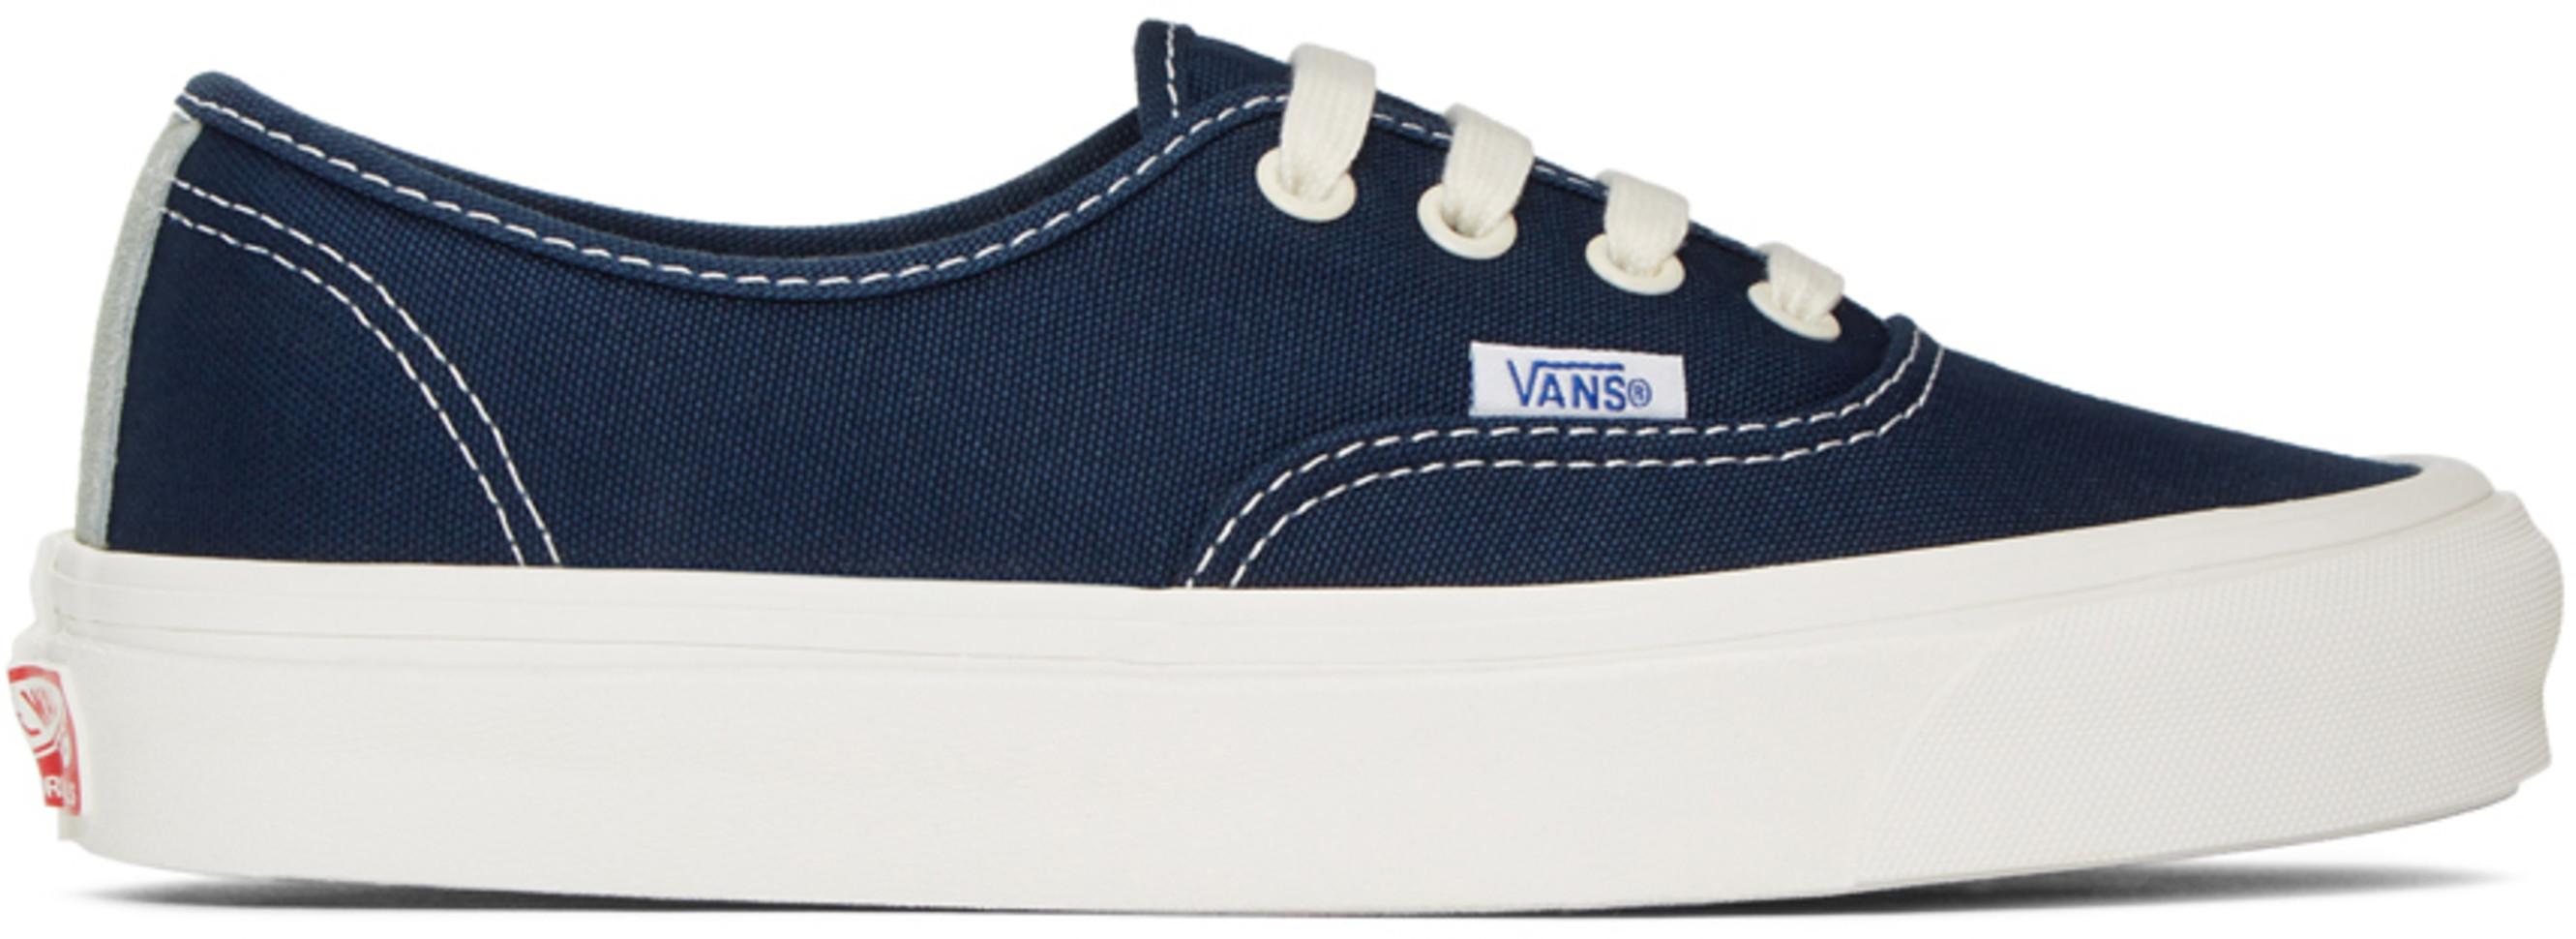 8694efb335 Vans Collection pour Femmes